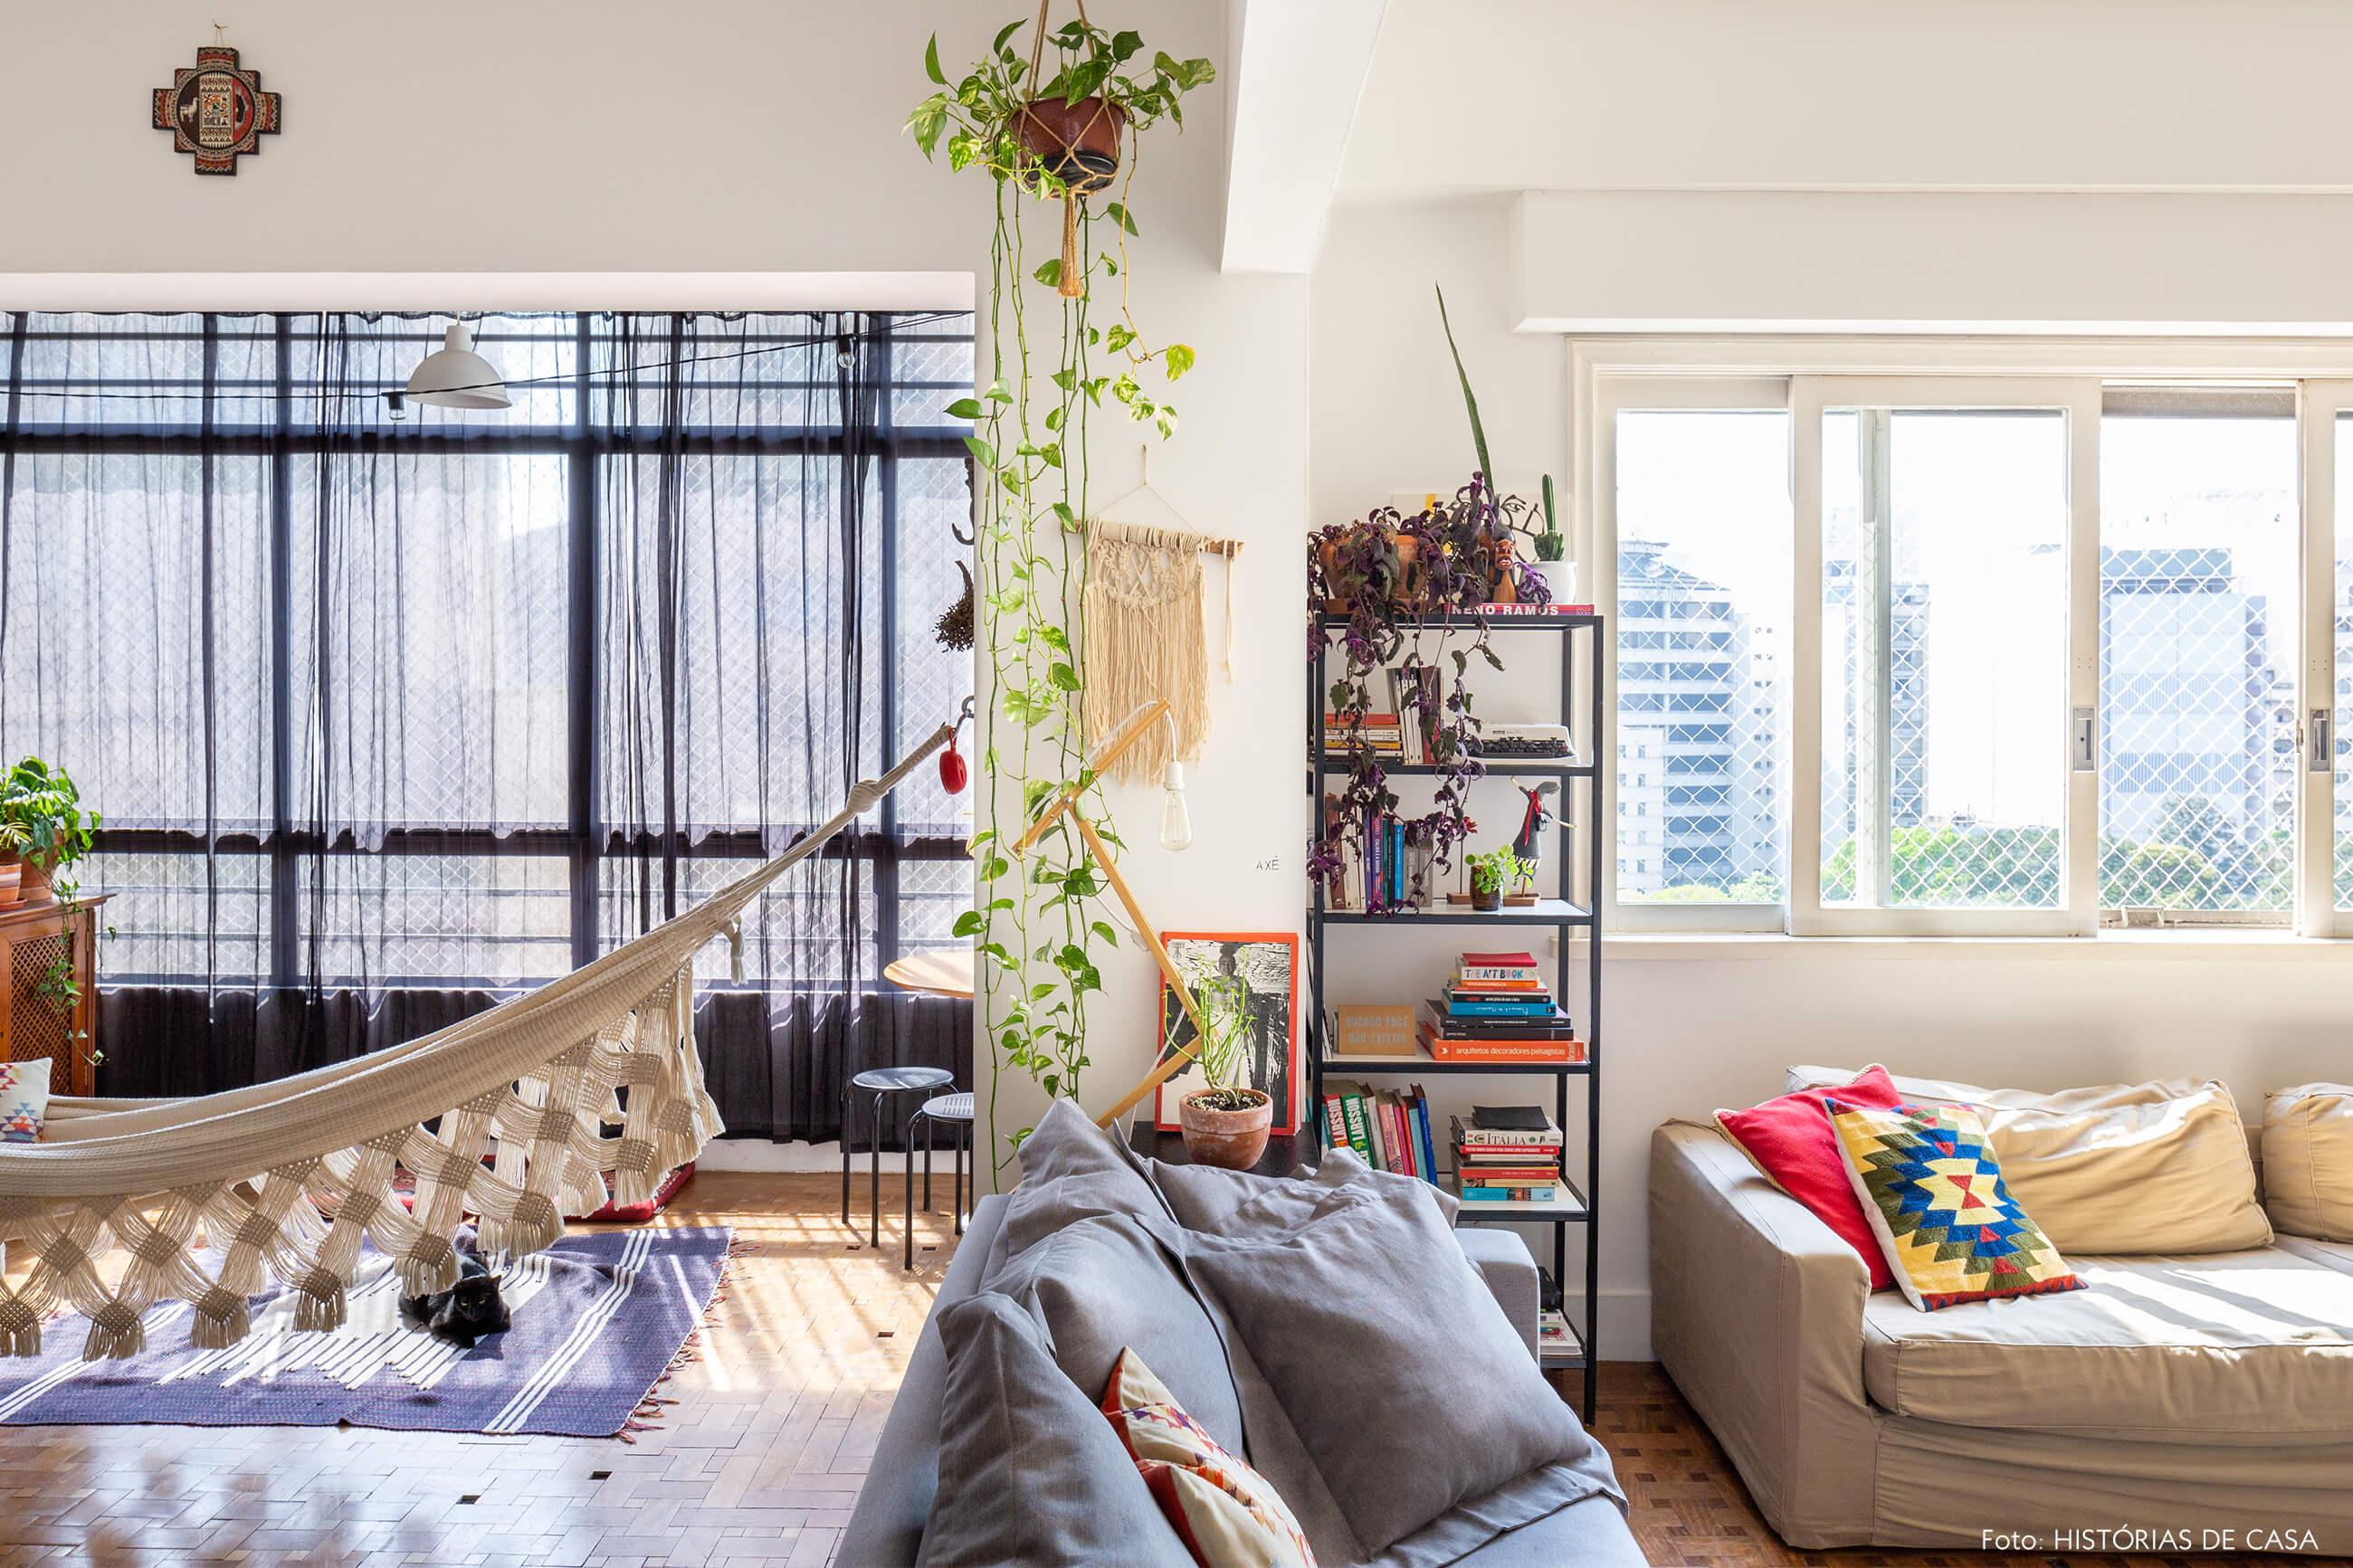 sala-com-plantas-rede-e-sofas-claros